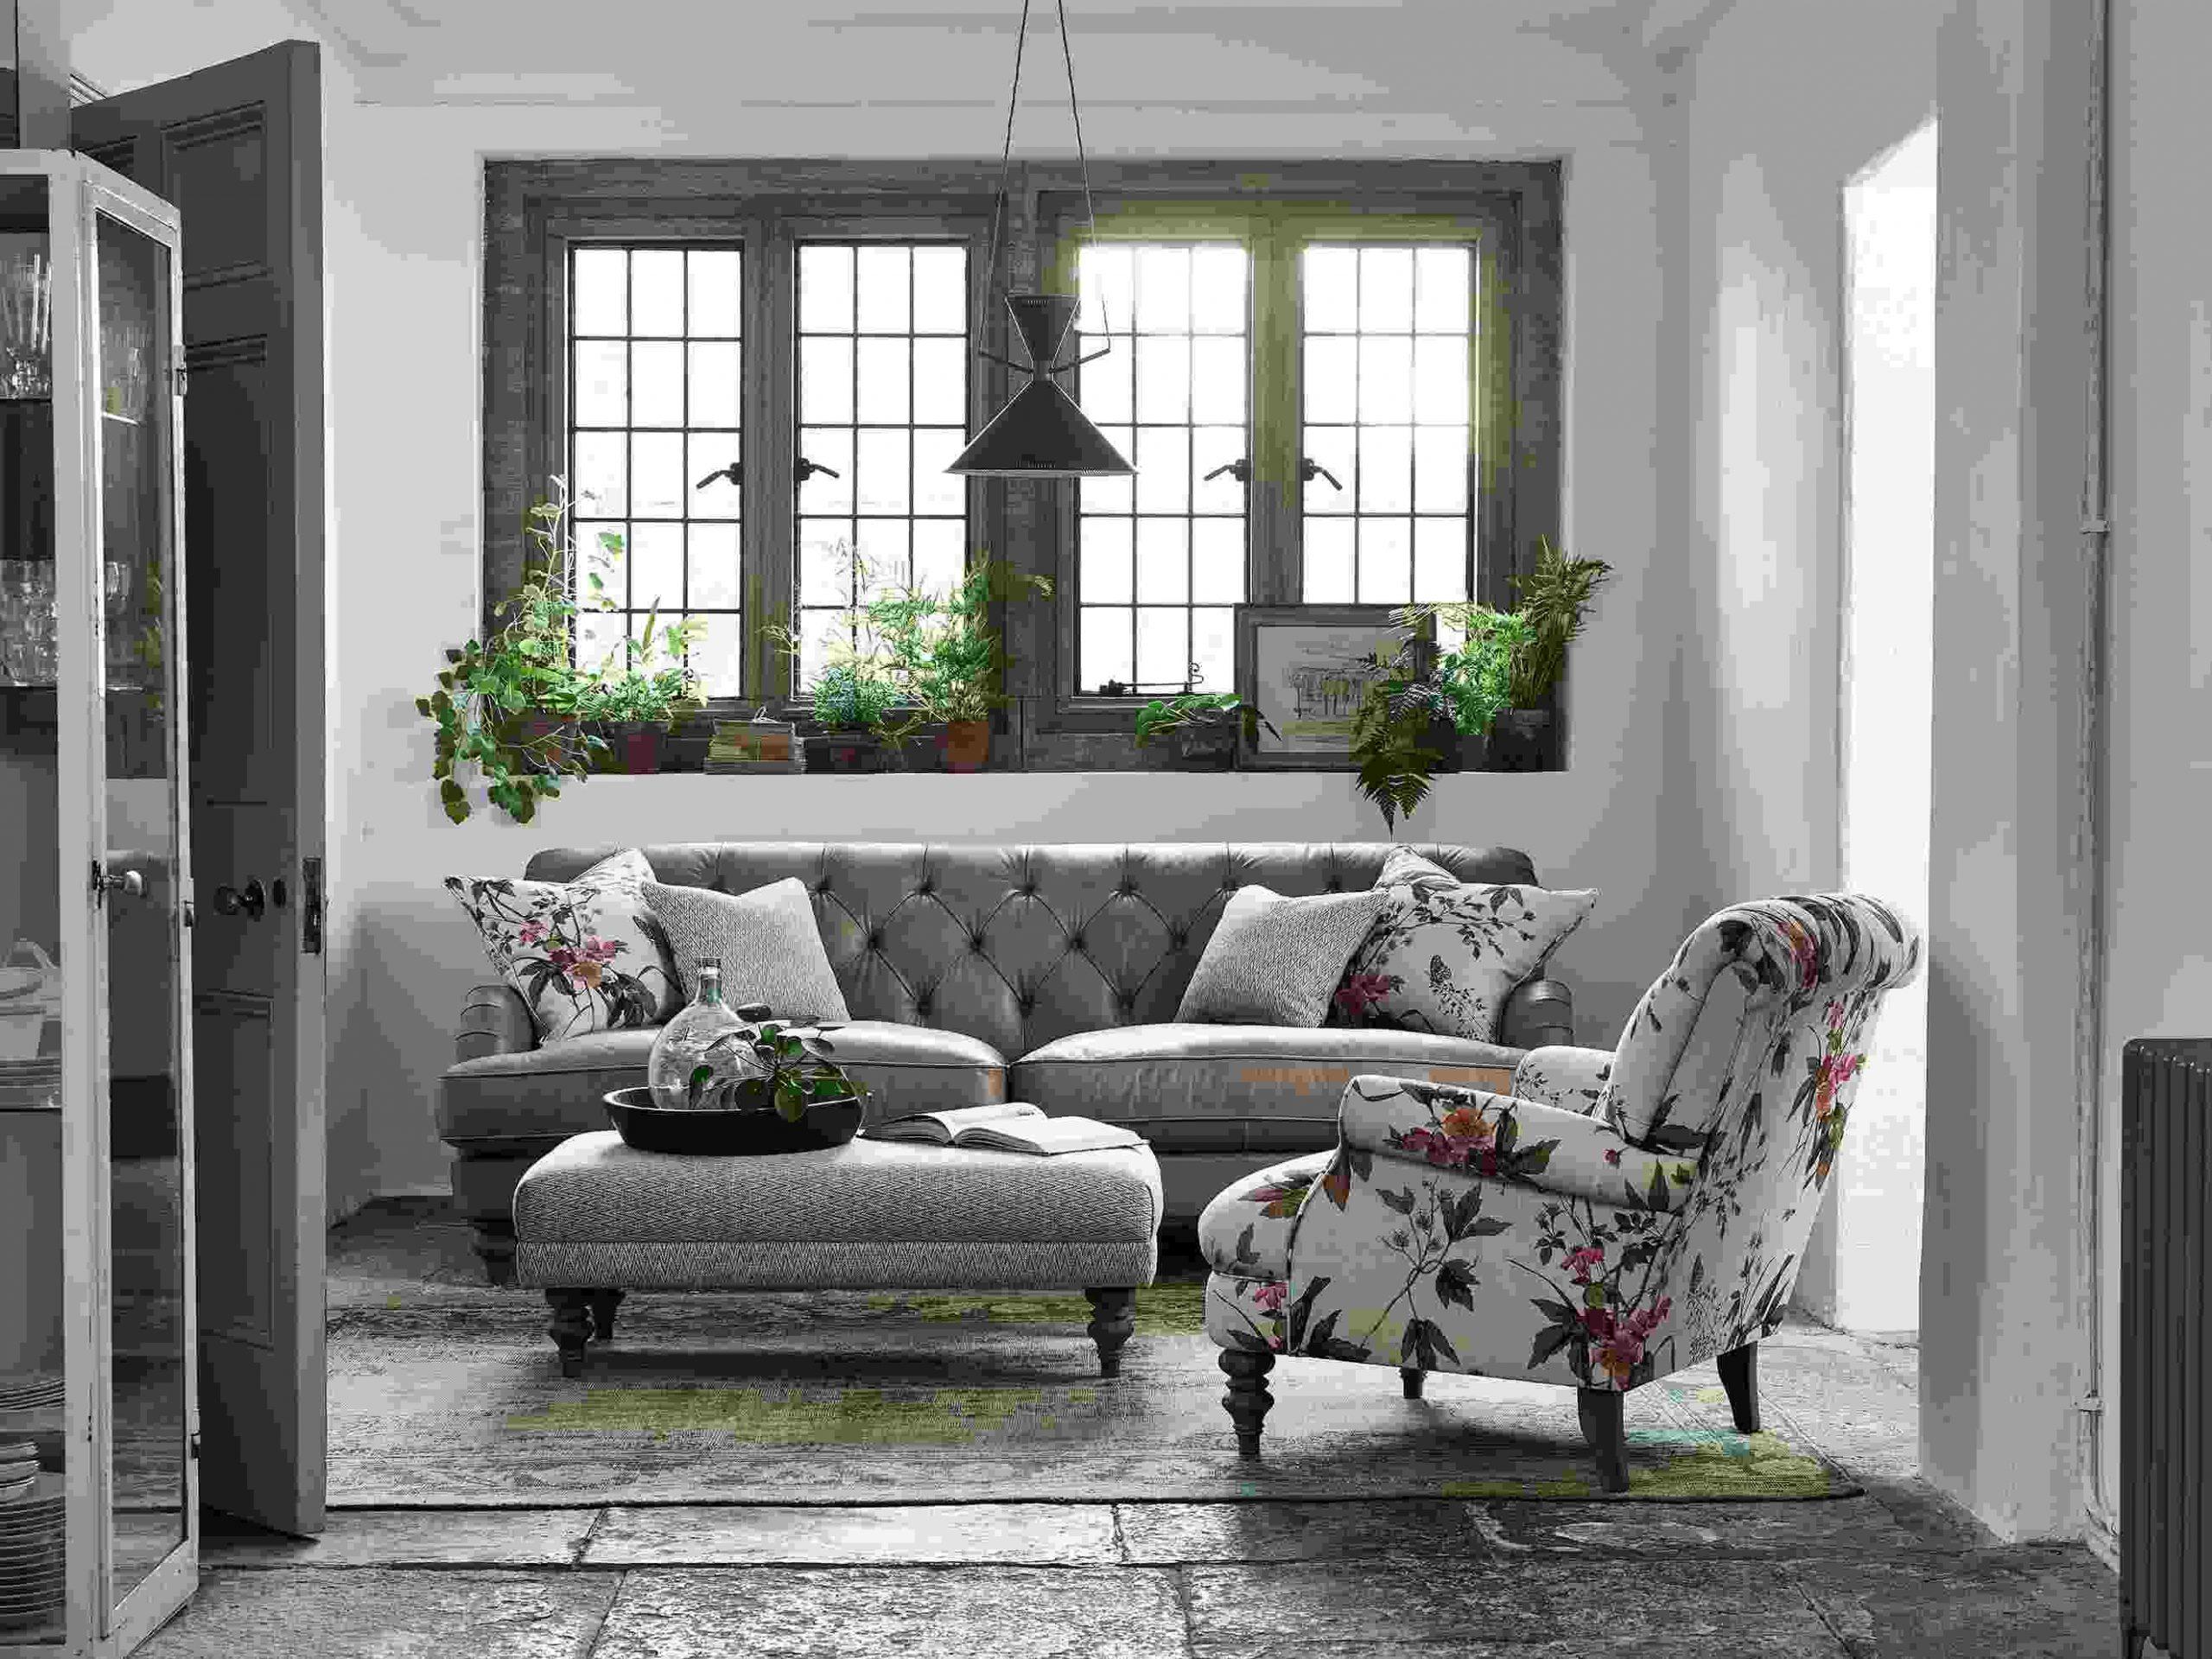 Các món đồ trang trí cổ điển sẽ làm nổi bật lên yếu tố vintage cho ngôi nhà của bạn